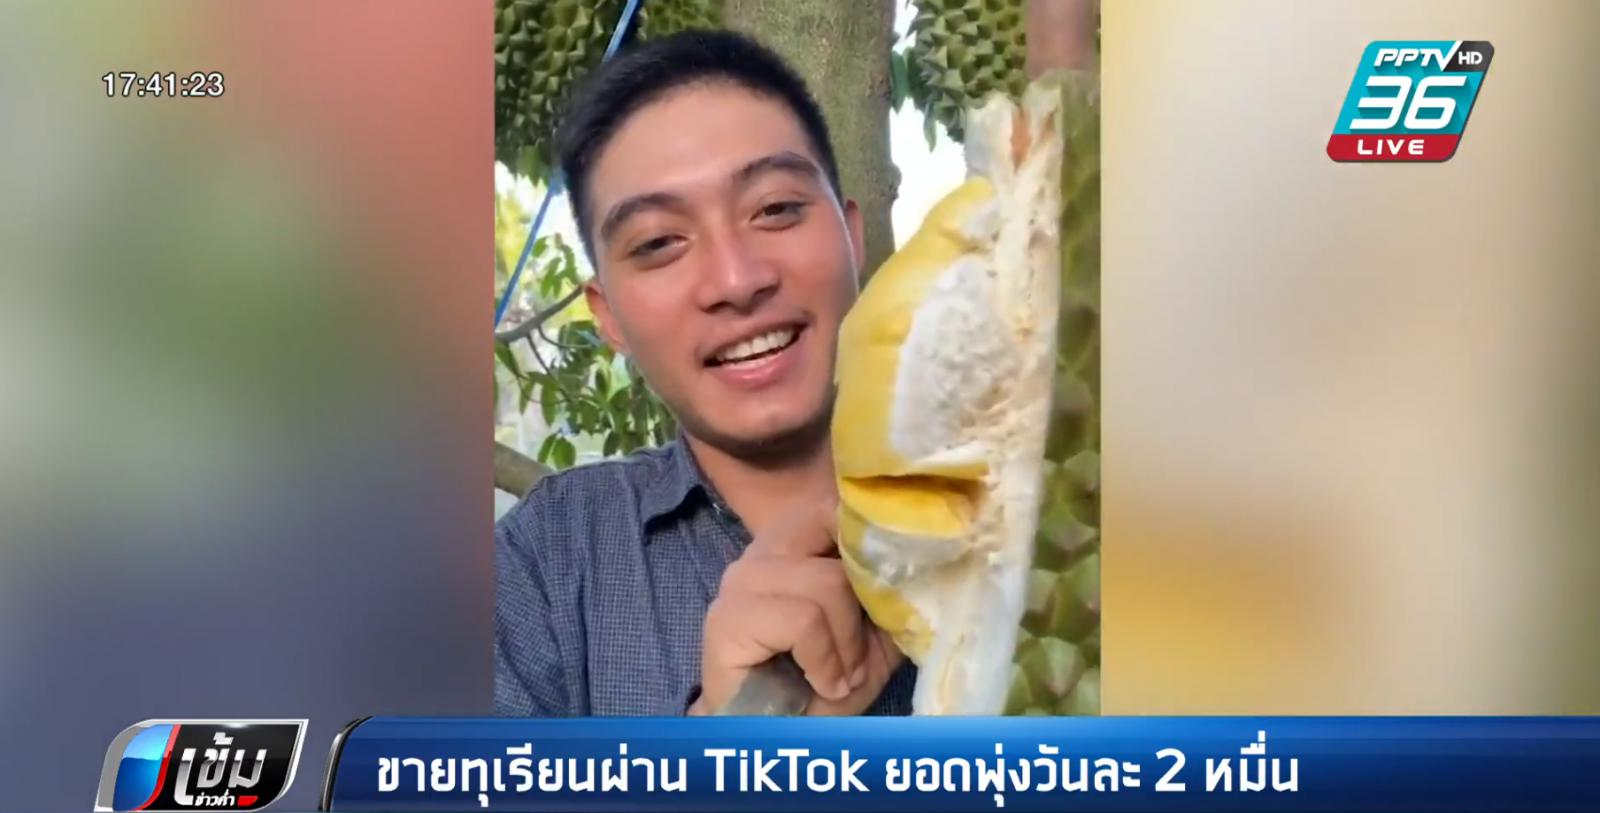 ทุเรียนไทยเนื้อหอม ขายลูกละ 1 แสนบาท คนแห่ซื้อ